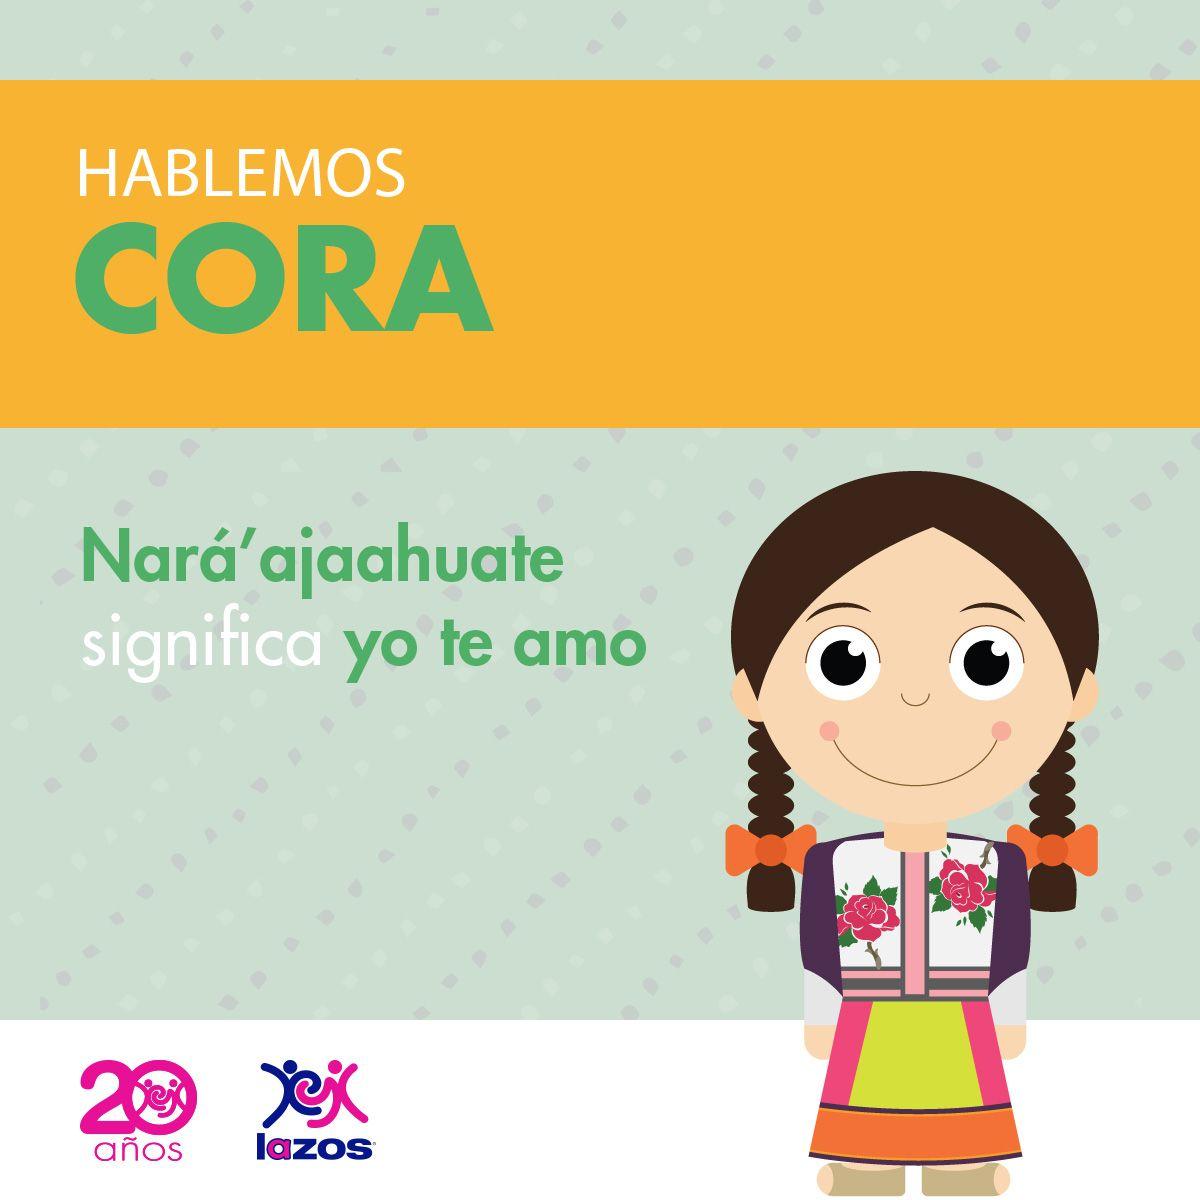 Hablemos Cora Lenguas Indigenas De Mexico Palabras En Nahuatl Actividades Para Primaria